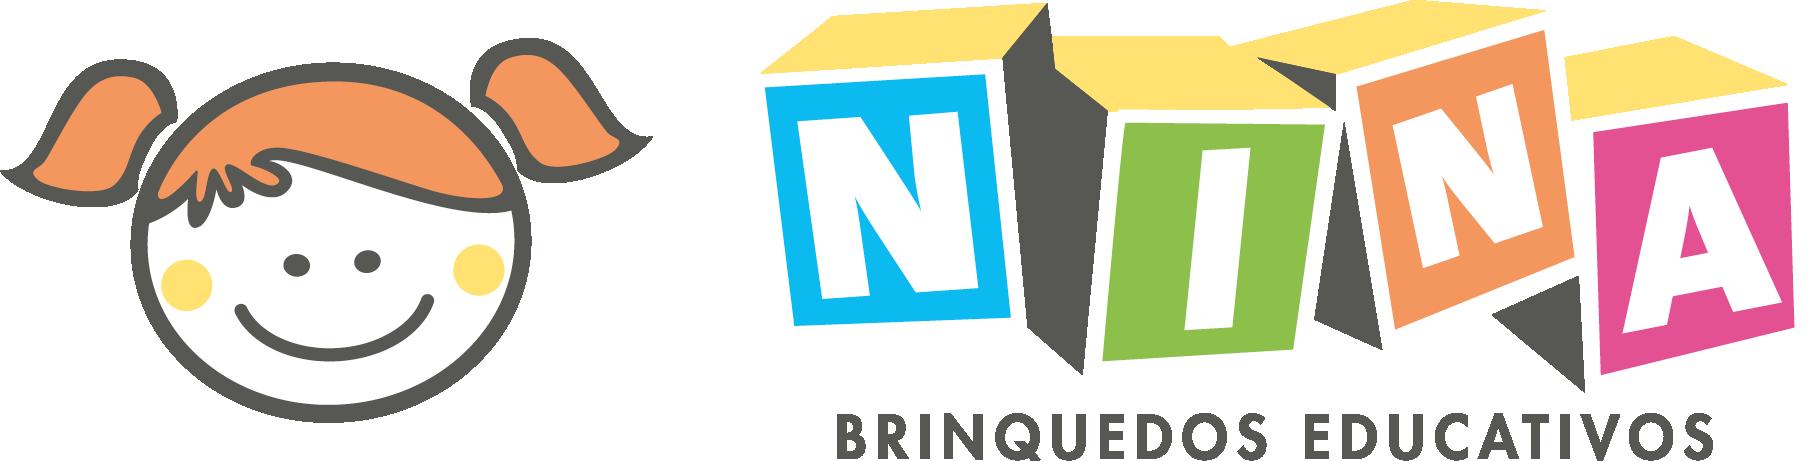 NINA BRINQUEDOS EDUCATIVOS